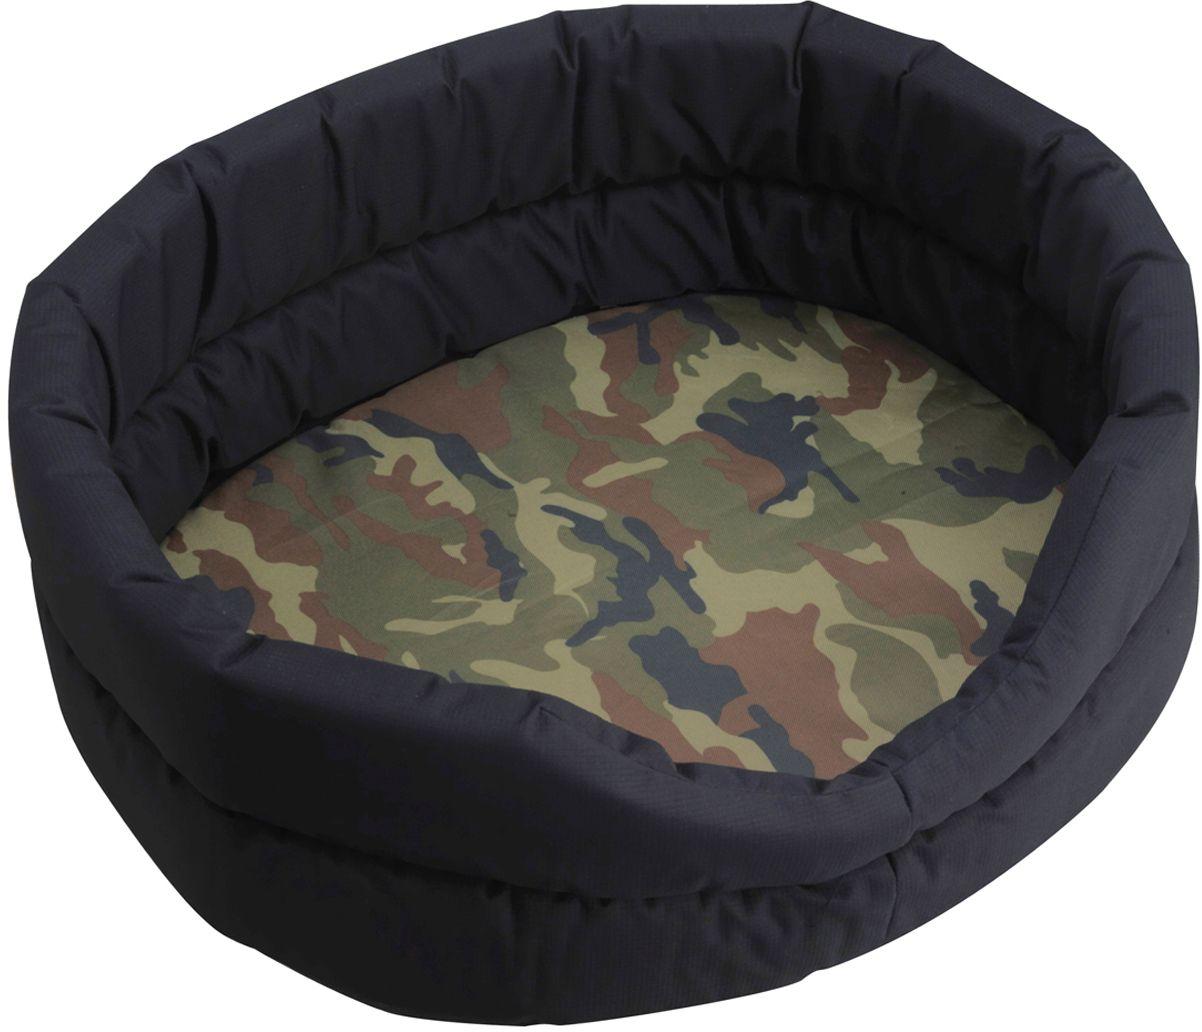 Лежак для собак Happy House Outdoor, цвет: камуфляж, 52 х 43 х 17 см8715-2Мягкий лежак для собак Happy House Outdoor обязательно понравится вашему питомцу. Он выполнен из высококачественного хлопка, а наполнитель из полиэстера. Такой материал не теряет своей формы долгое время. Лежак оснащен съемной подстилкой. Высокие борта обеспечат вашему любимцу уют. За изделием легко ухаживать, его можно стирать вручную. Мягкий лежак станет излюбленным местом вашего питомца, подарит ему спокойный и комфортный сон, а также убережет вашу мебель от многочисленной шерсти.